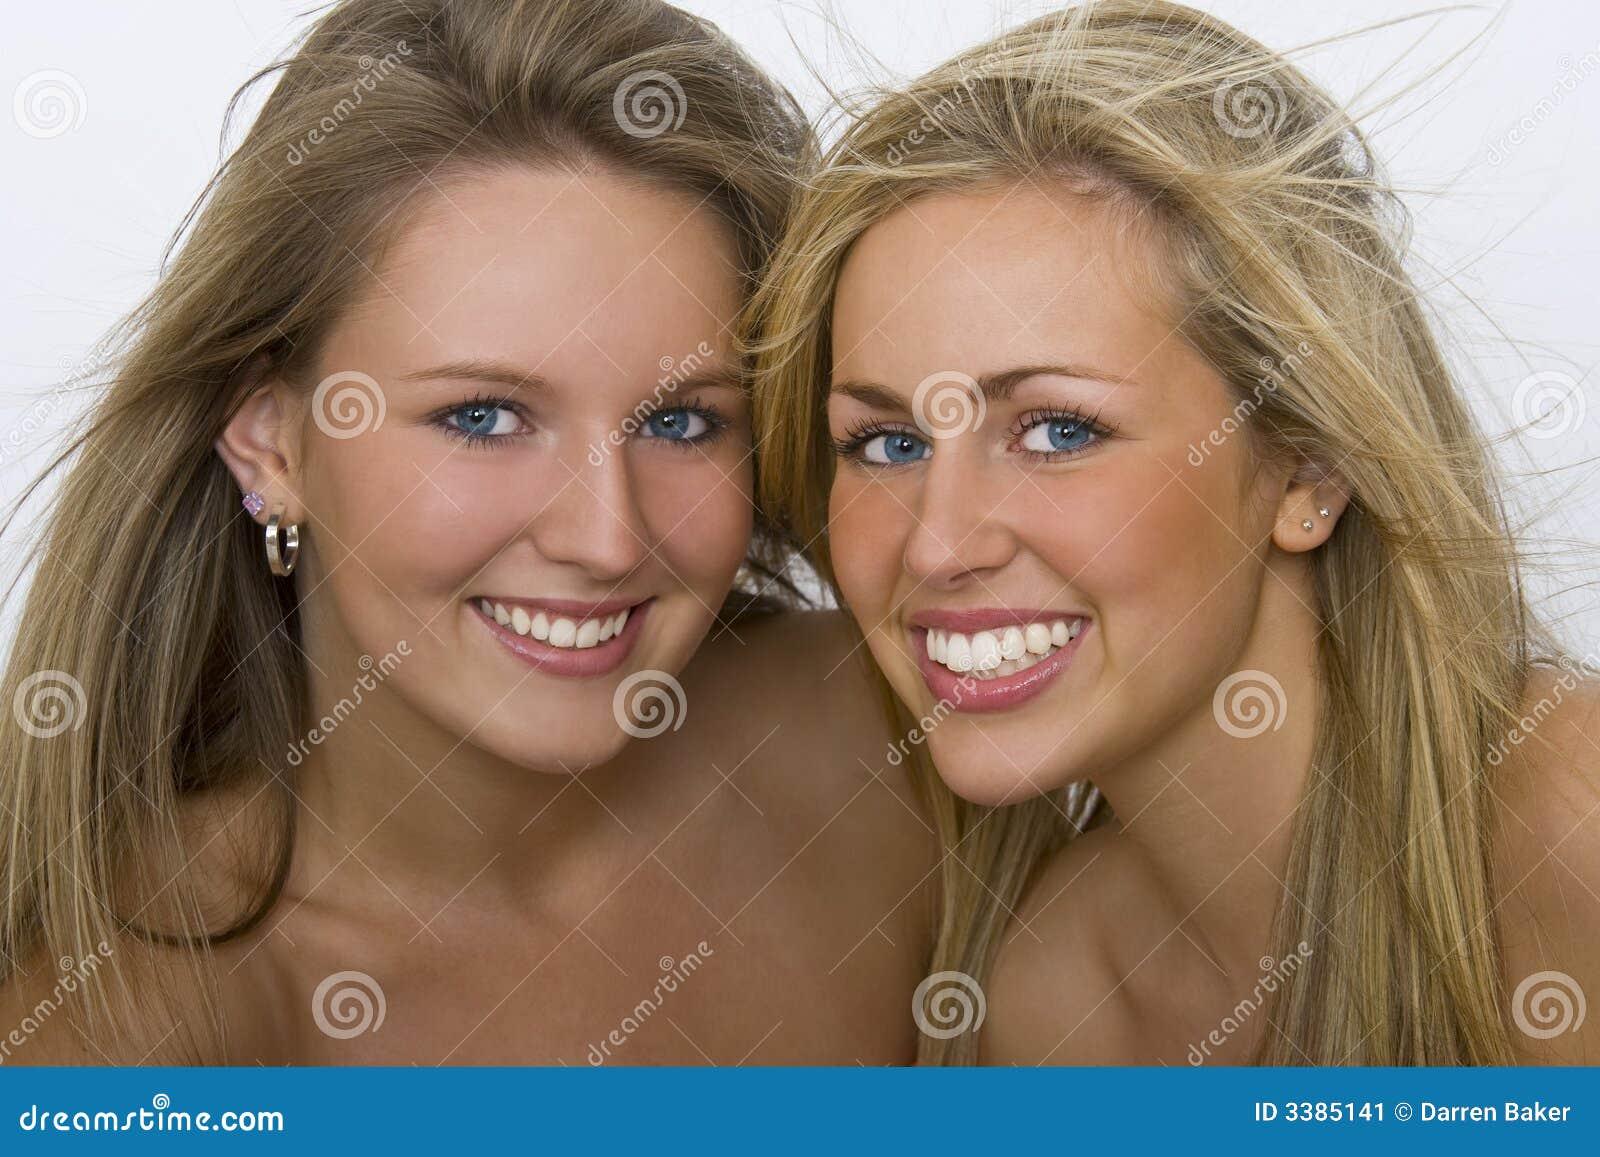 Beautiful Eyes & Smiles